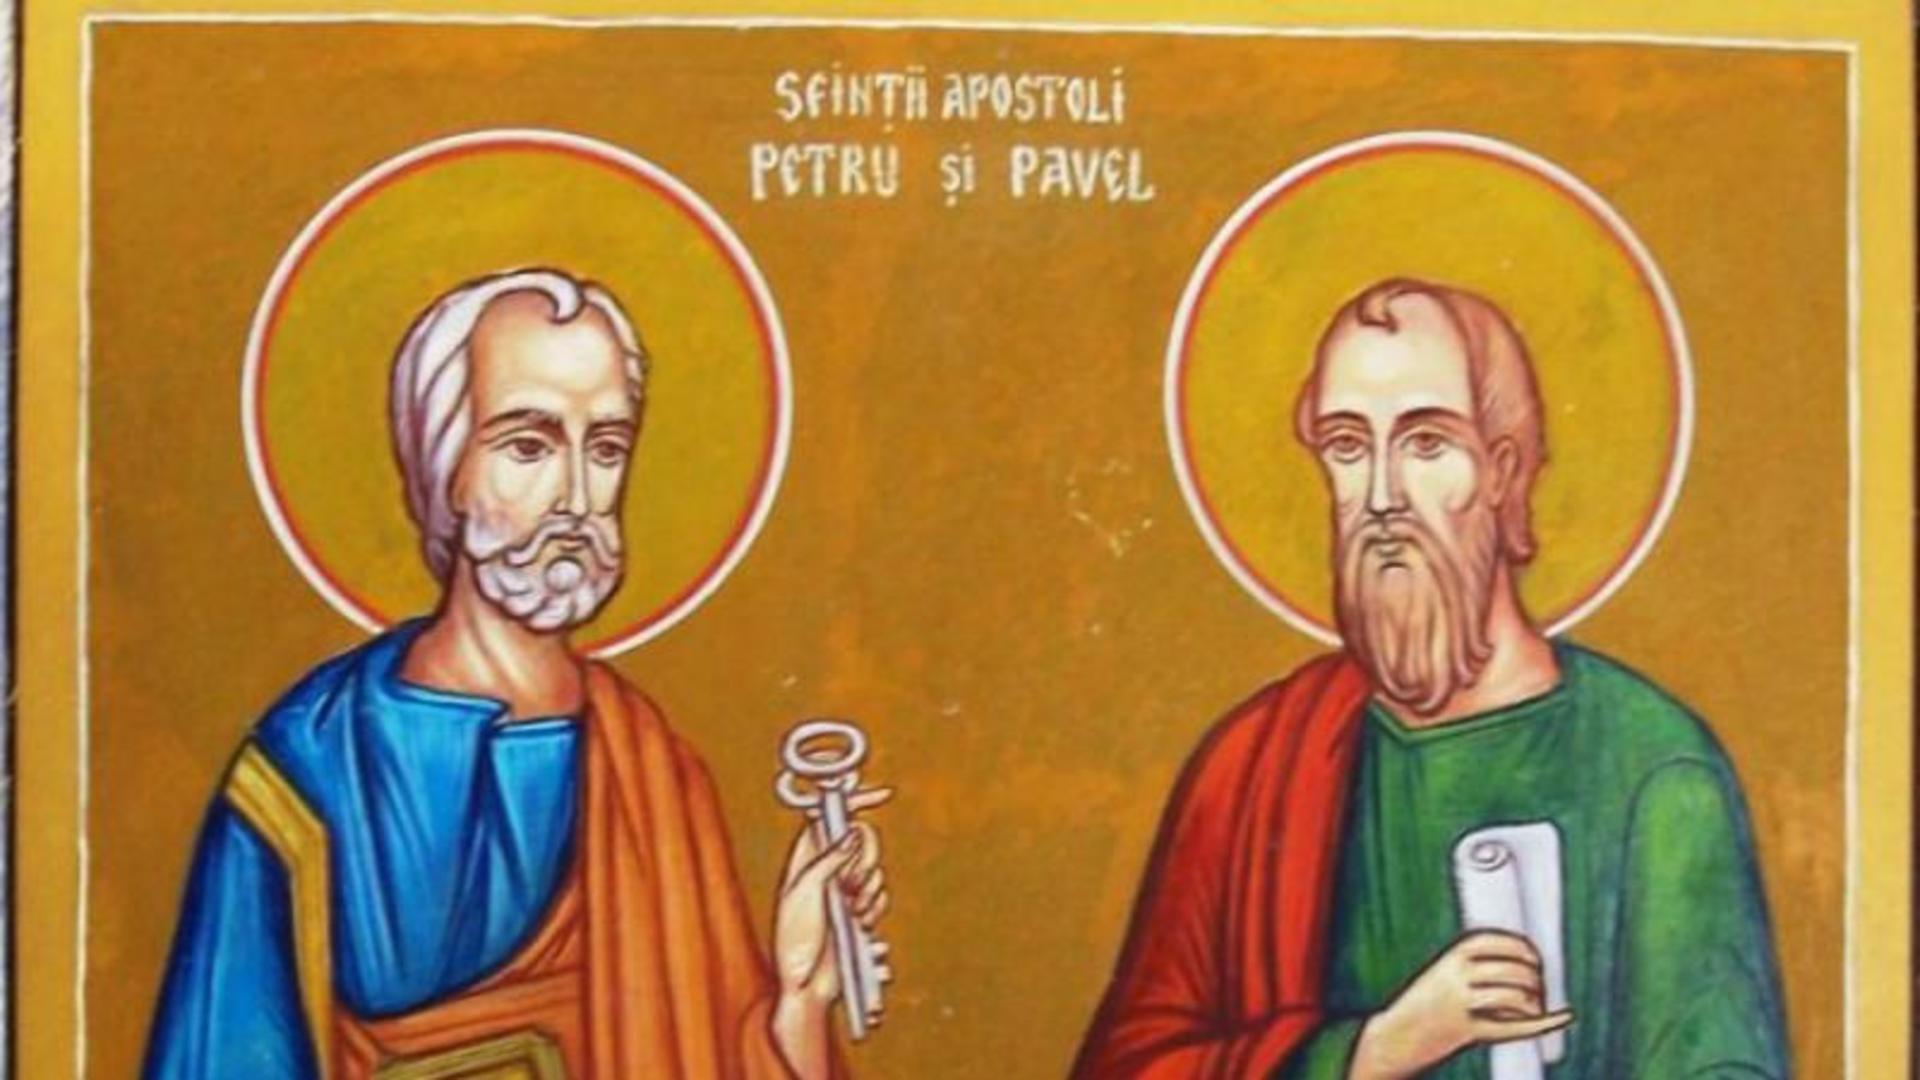 Sfinții Apostoli Petru și Pavel. Cea mai puternică rugăciune